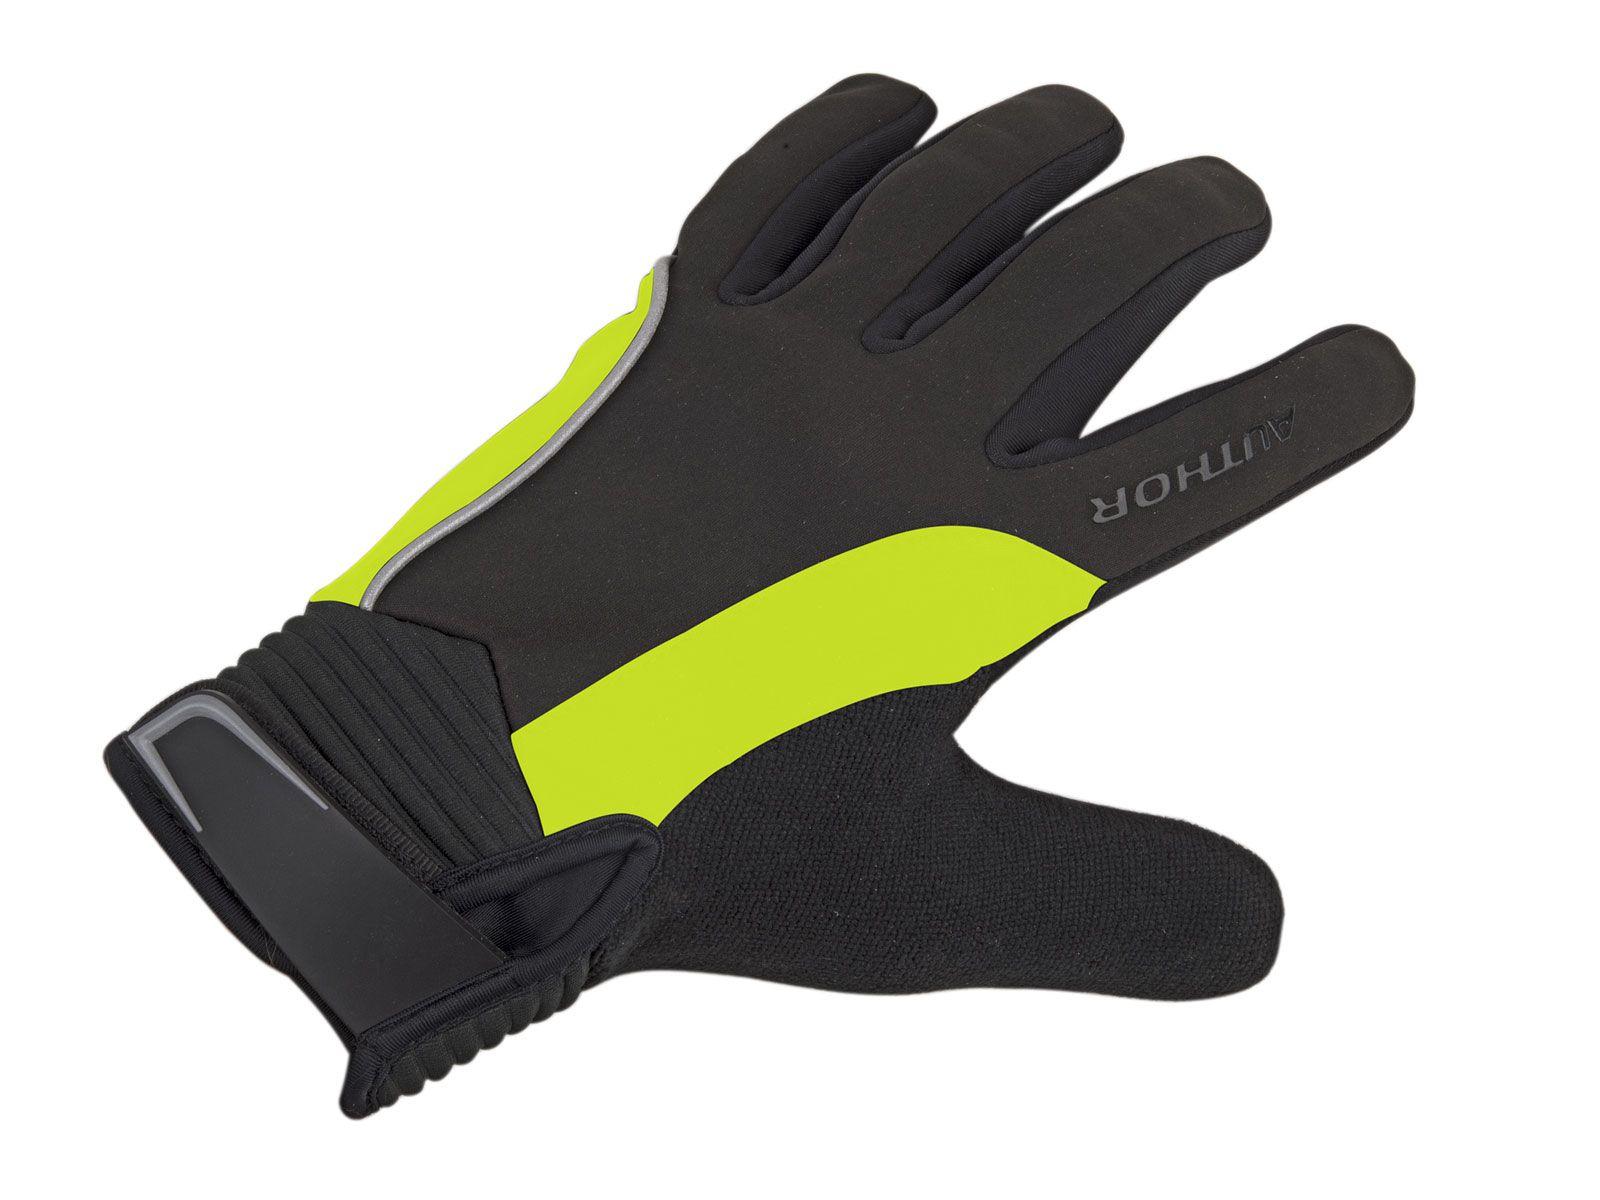 ff30a02d6a7 zimní rukavice Specialized ELEMENT 1.5 dlouhoprsté NEON YEL XXL